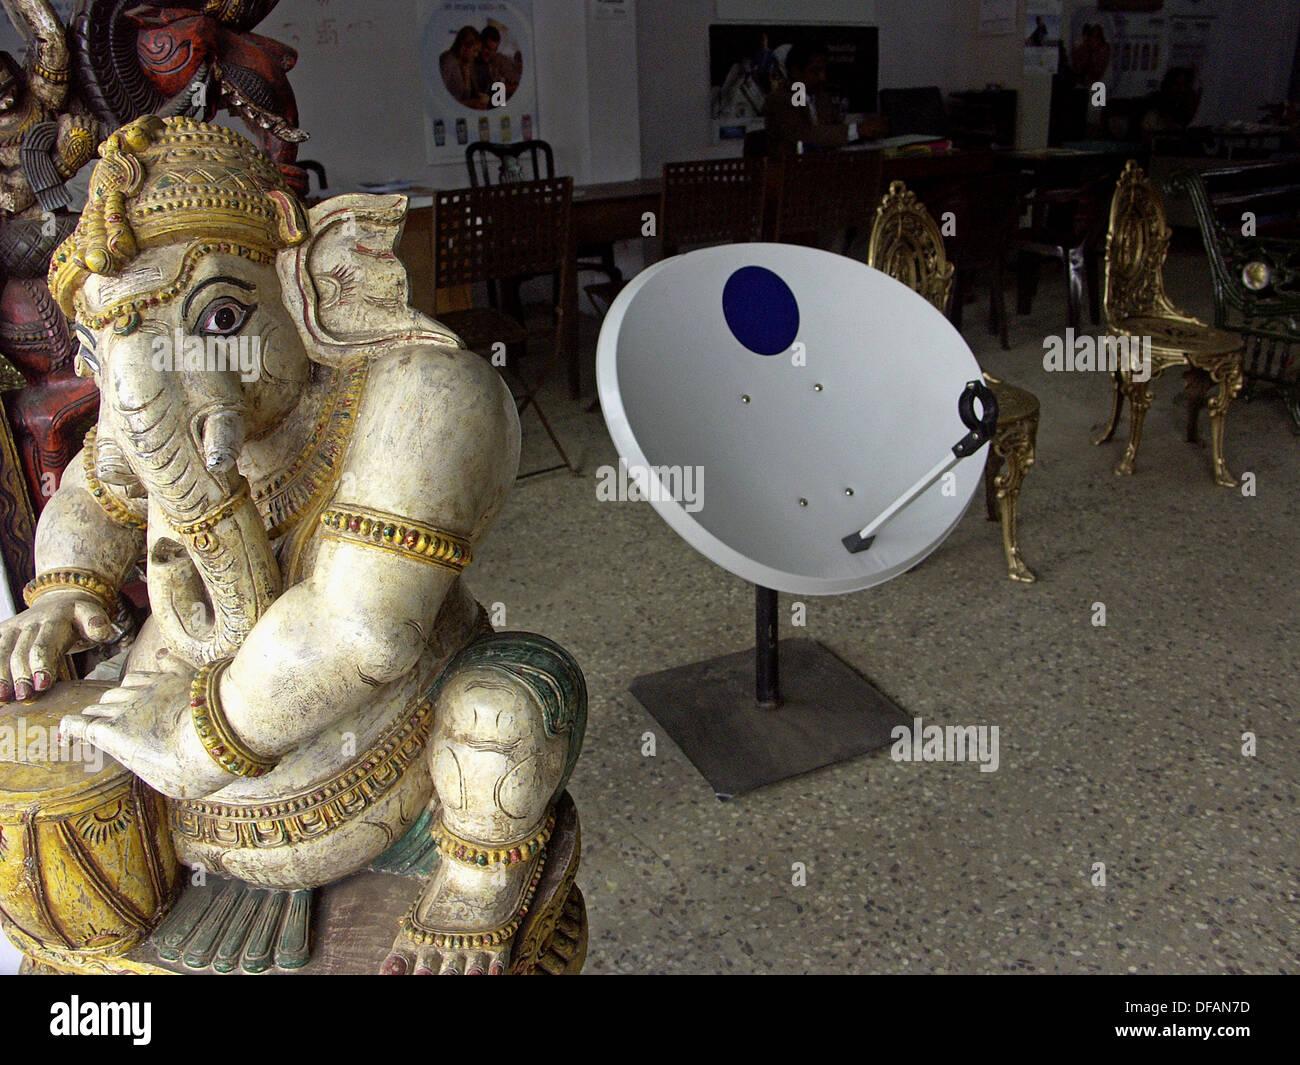 Satellite TV piatto e divinità Indù (Ganesha) condividono lo spazio di pavimento in un negozio. Ooty. Il Tamil Nadu, India Immagini Stock